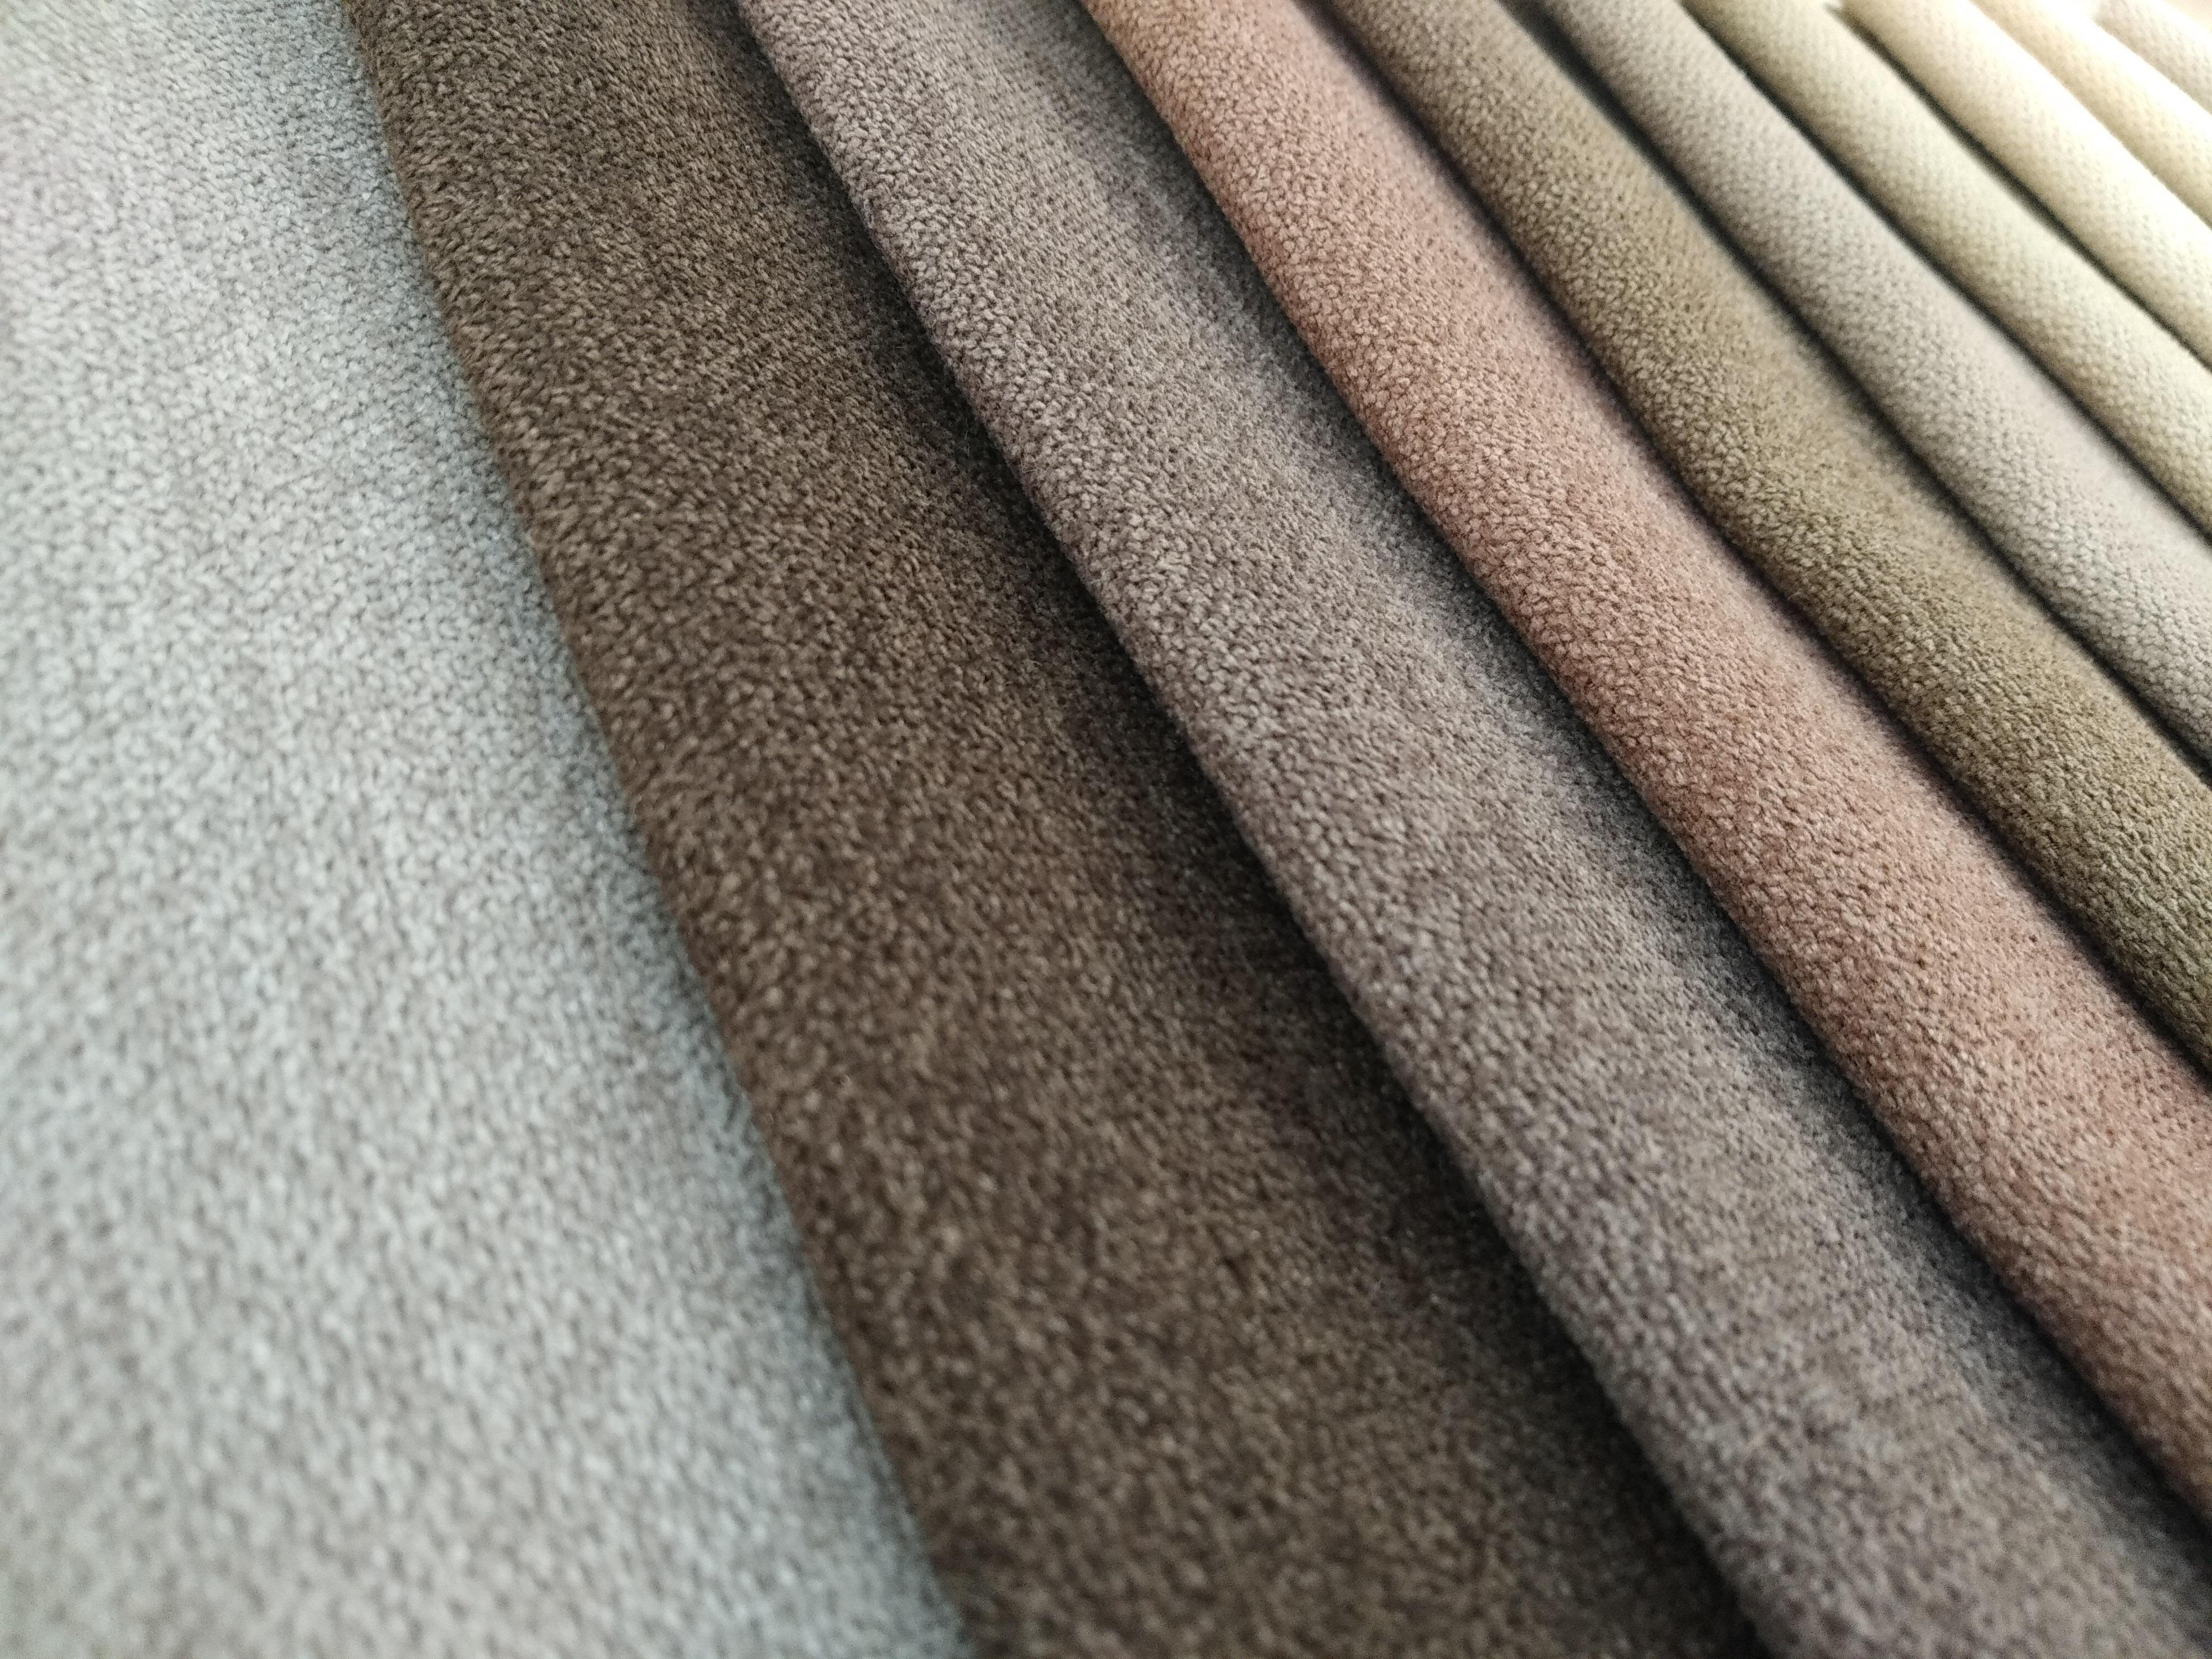 Характеристика мебельных тканей: шенилл, микровелюр, флок, рогожка - свойства и обзор